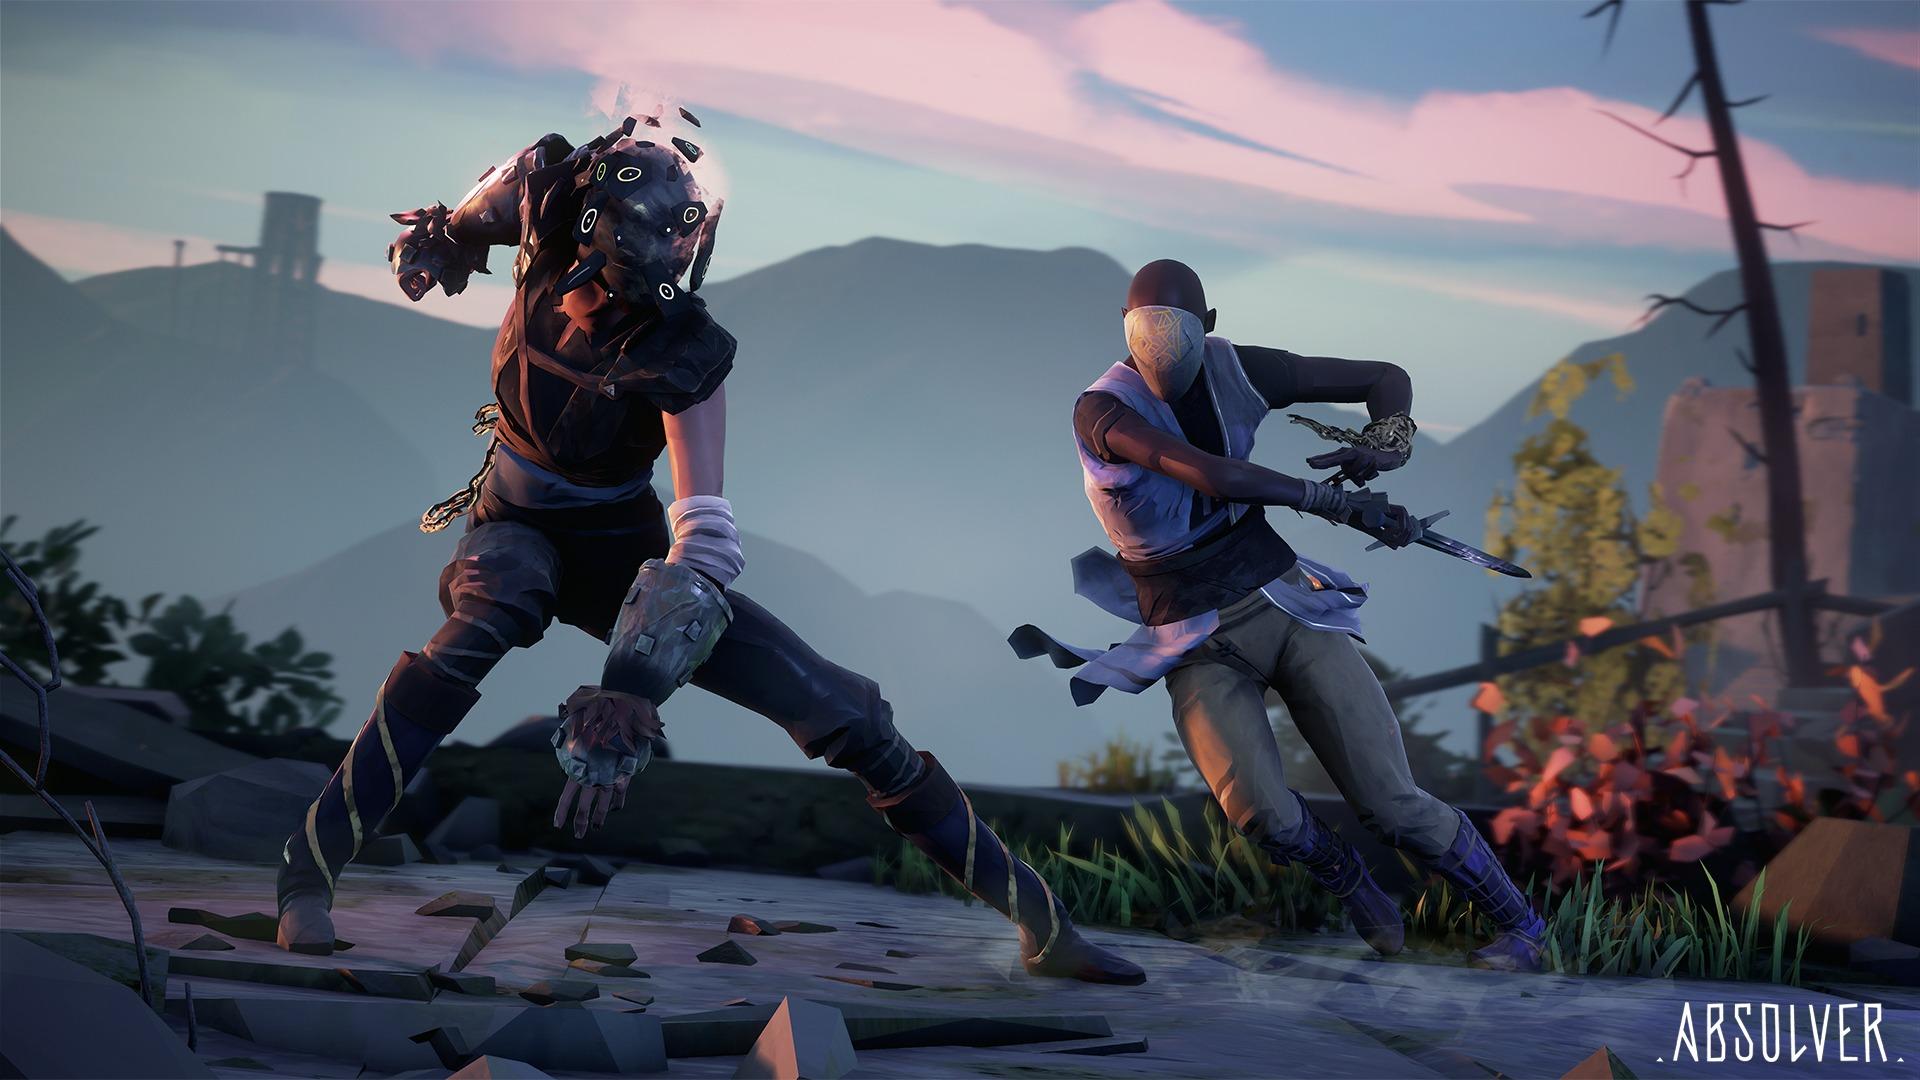 Ecco Absolver il nuovo videogioco di Devolver Digital e degli ex Ubisoft